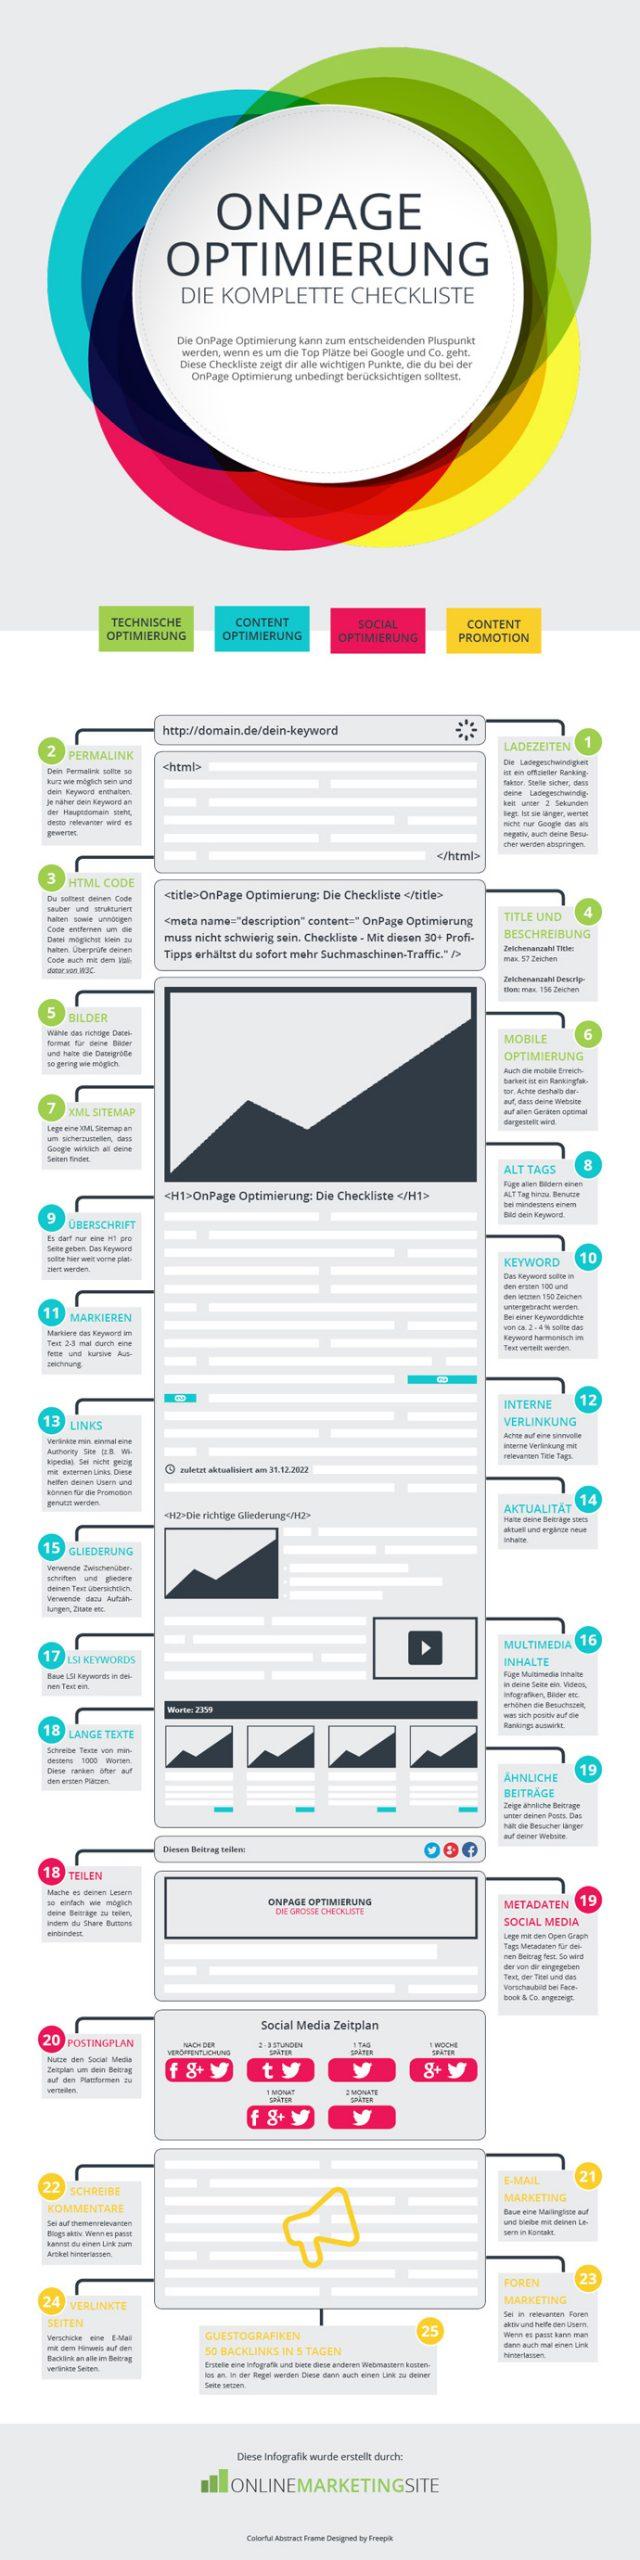 OnPage Optimierung - Die große Checkliste